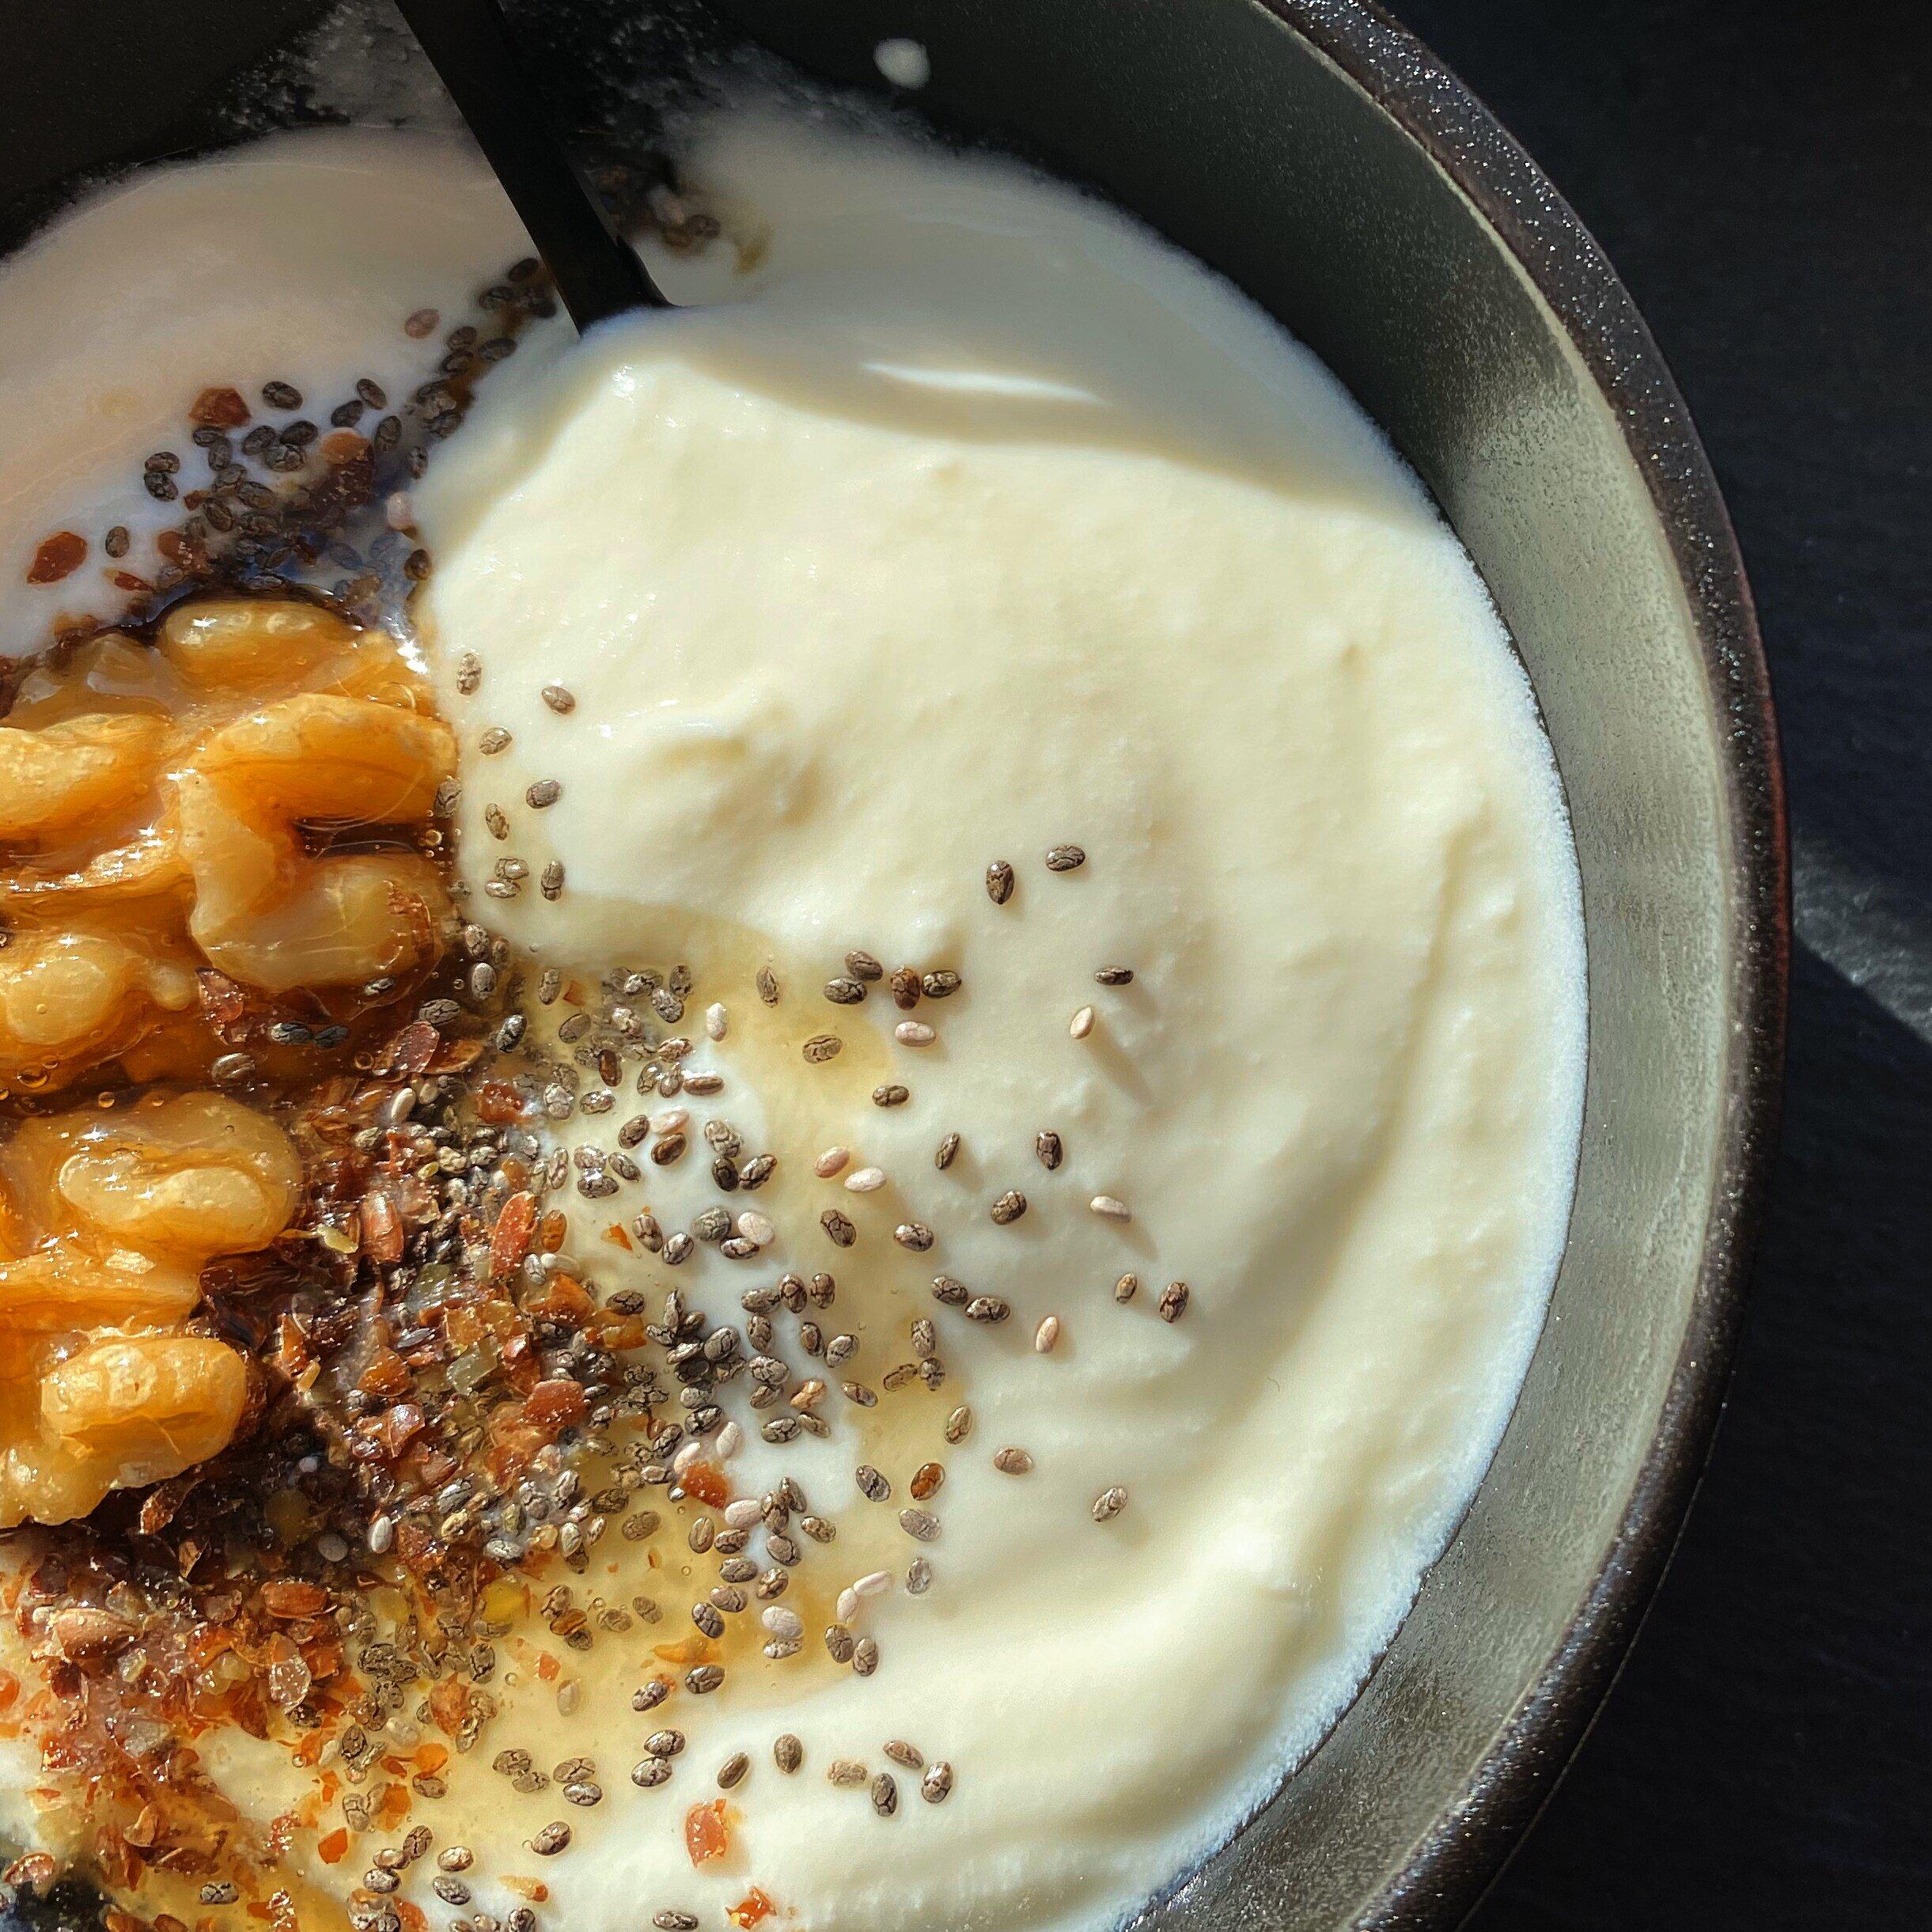 homemade yogurt in the oven recipe